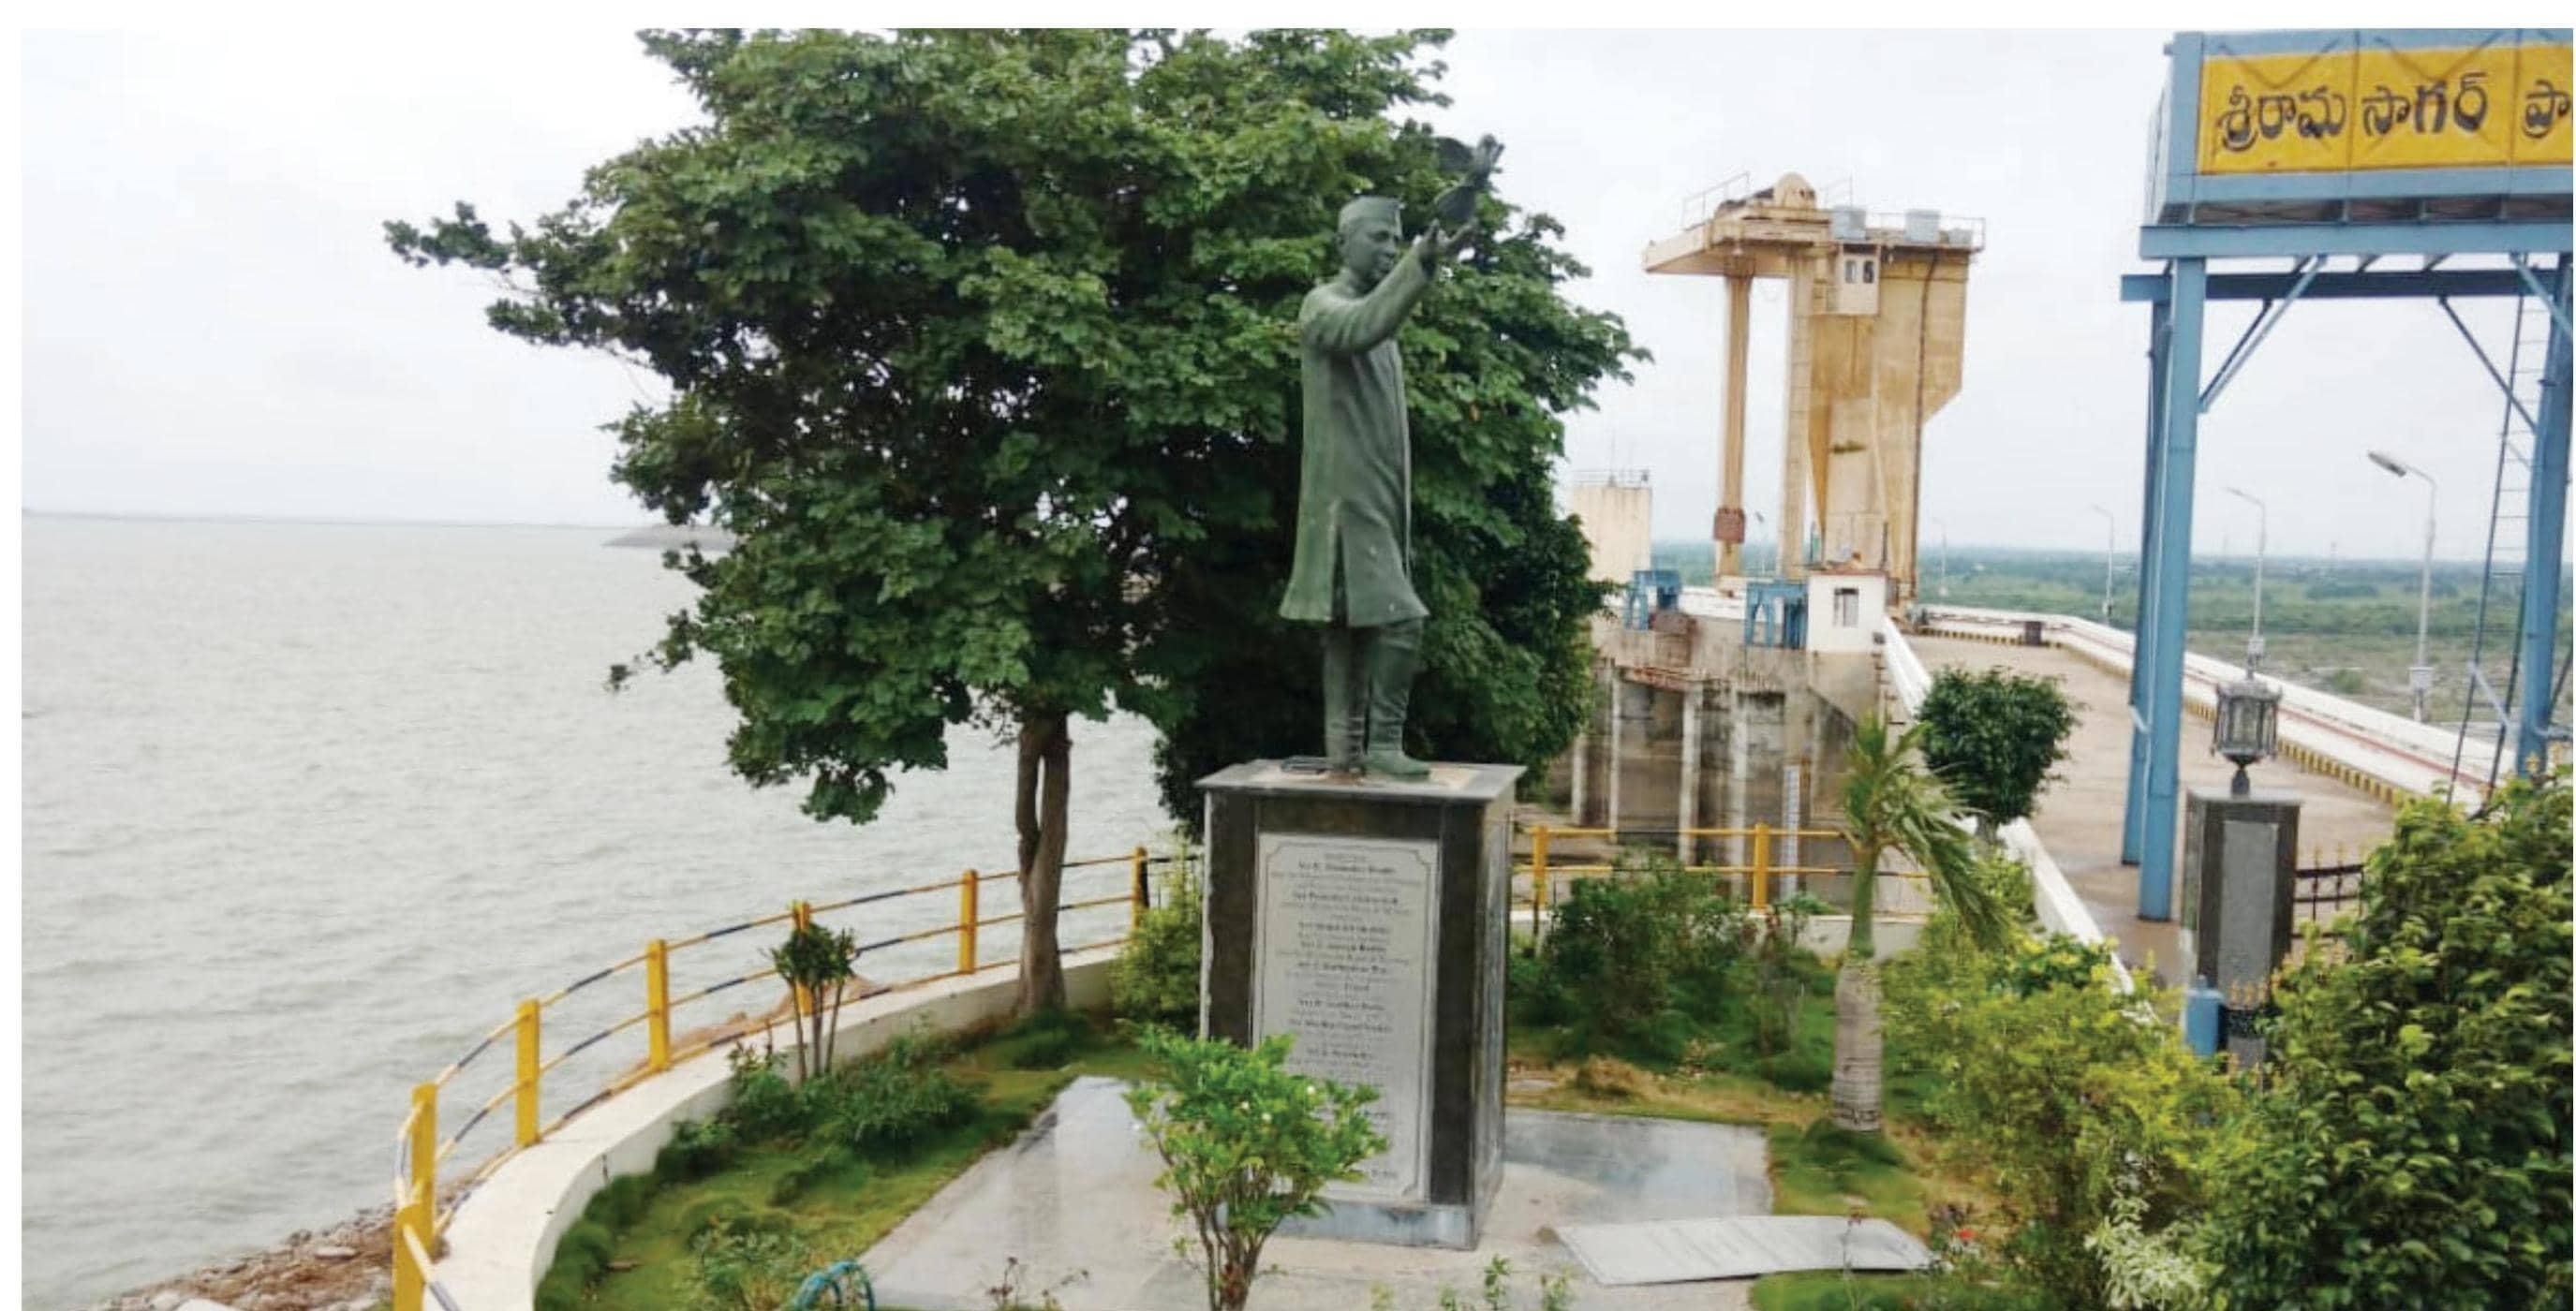 బాబ్లీ నుంచి ఎస్సారెస్పీకి నీళ్లు రాక